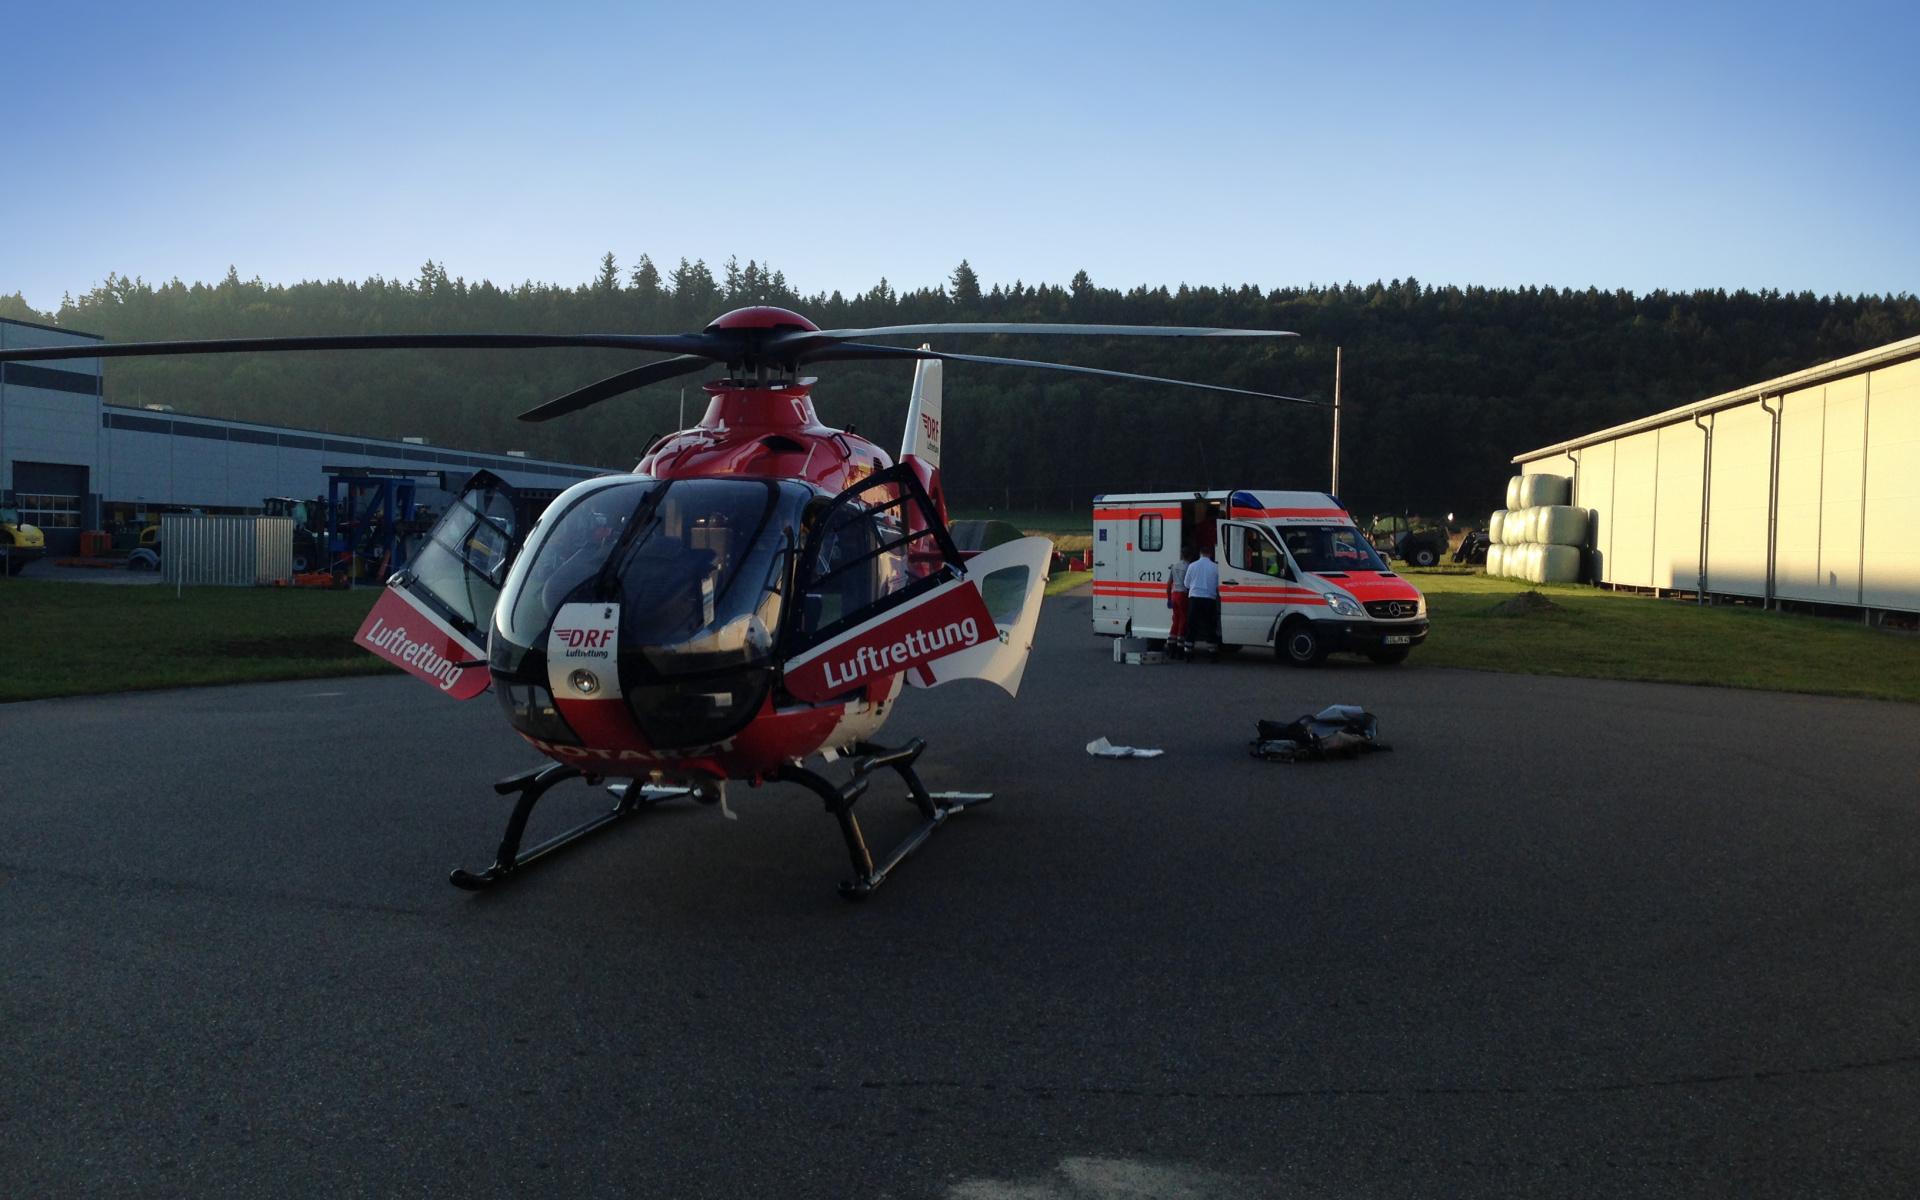 Nach nur knapp zehn Minuten trifft Christoph 45 am Einsatzort - einem Firmengelände in Pfullendorf - ein. Die Luftretter aus Friedrichshafen transportieren den Patienten umgehend zu den CRONA-Kliniken des Universitätsklinikums Tübingen.